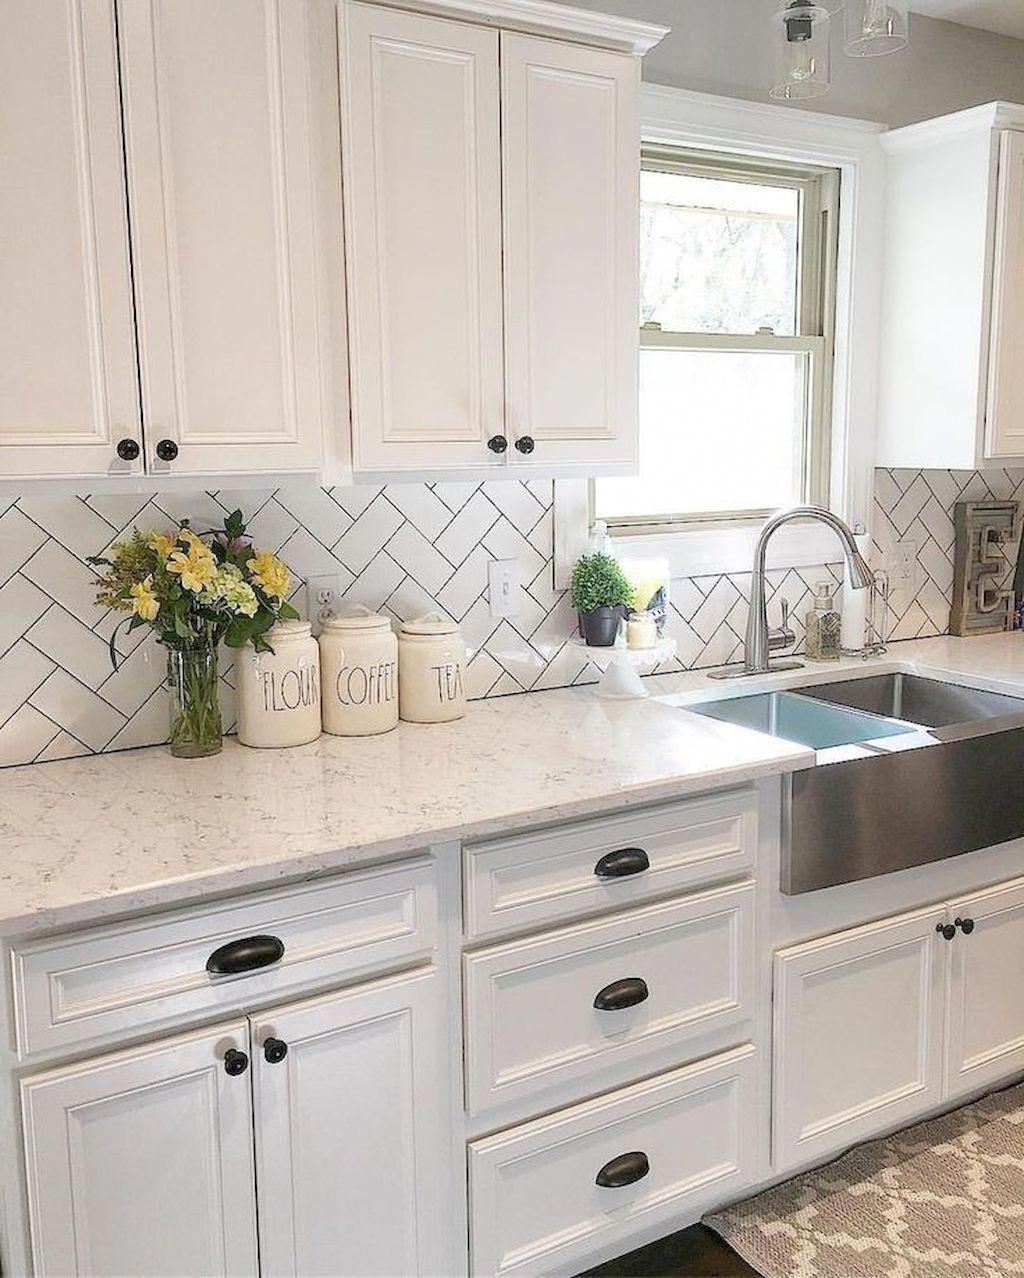 Odd And Beautiful Kitchen Backsplashes: 50 Beautiful Kitchen Backsplash Decor Ideas #Backsplash